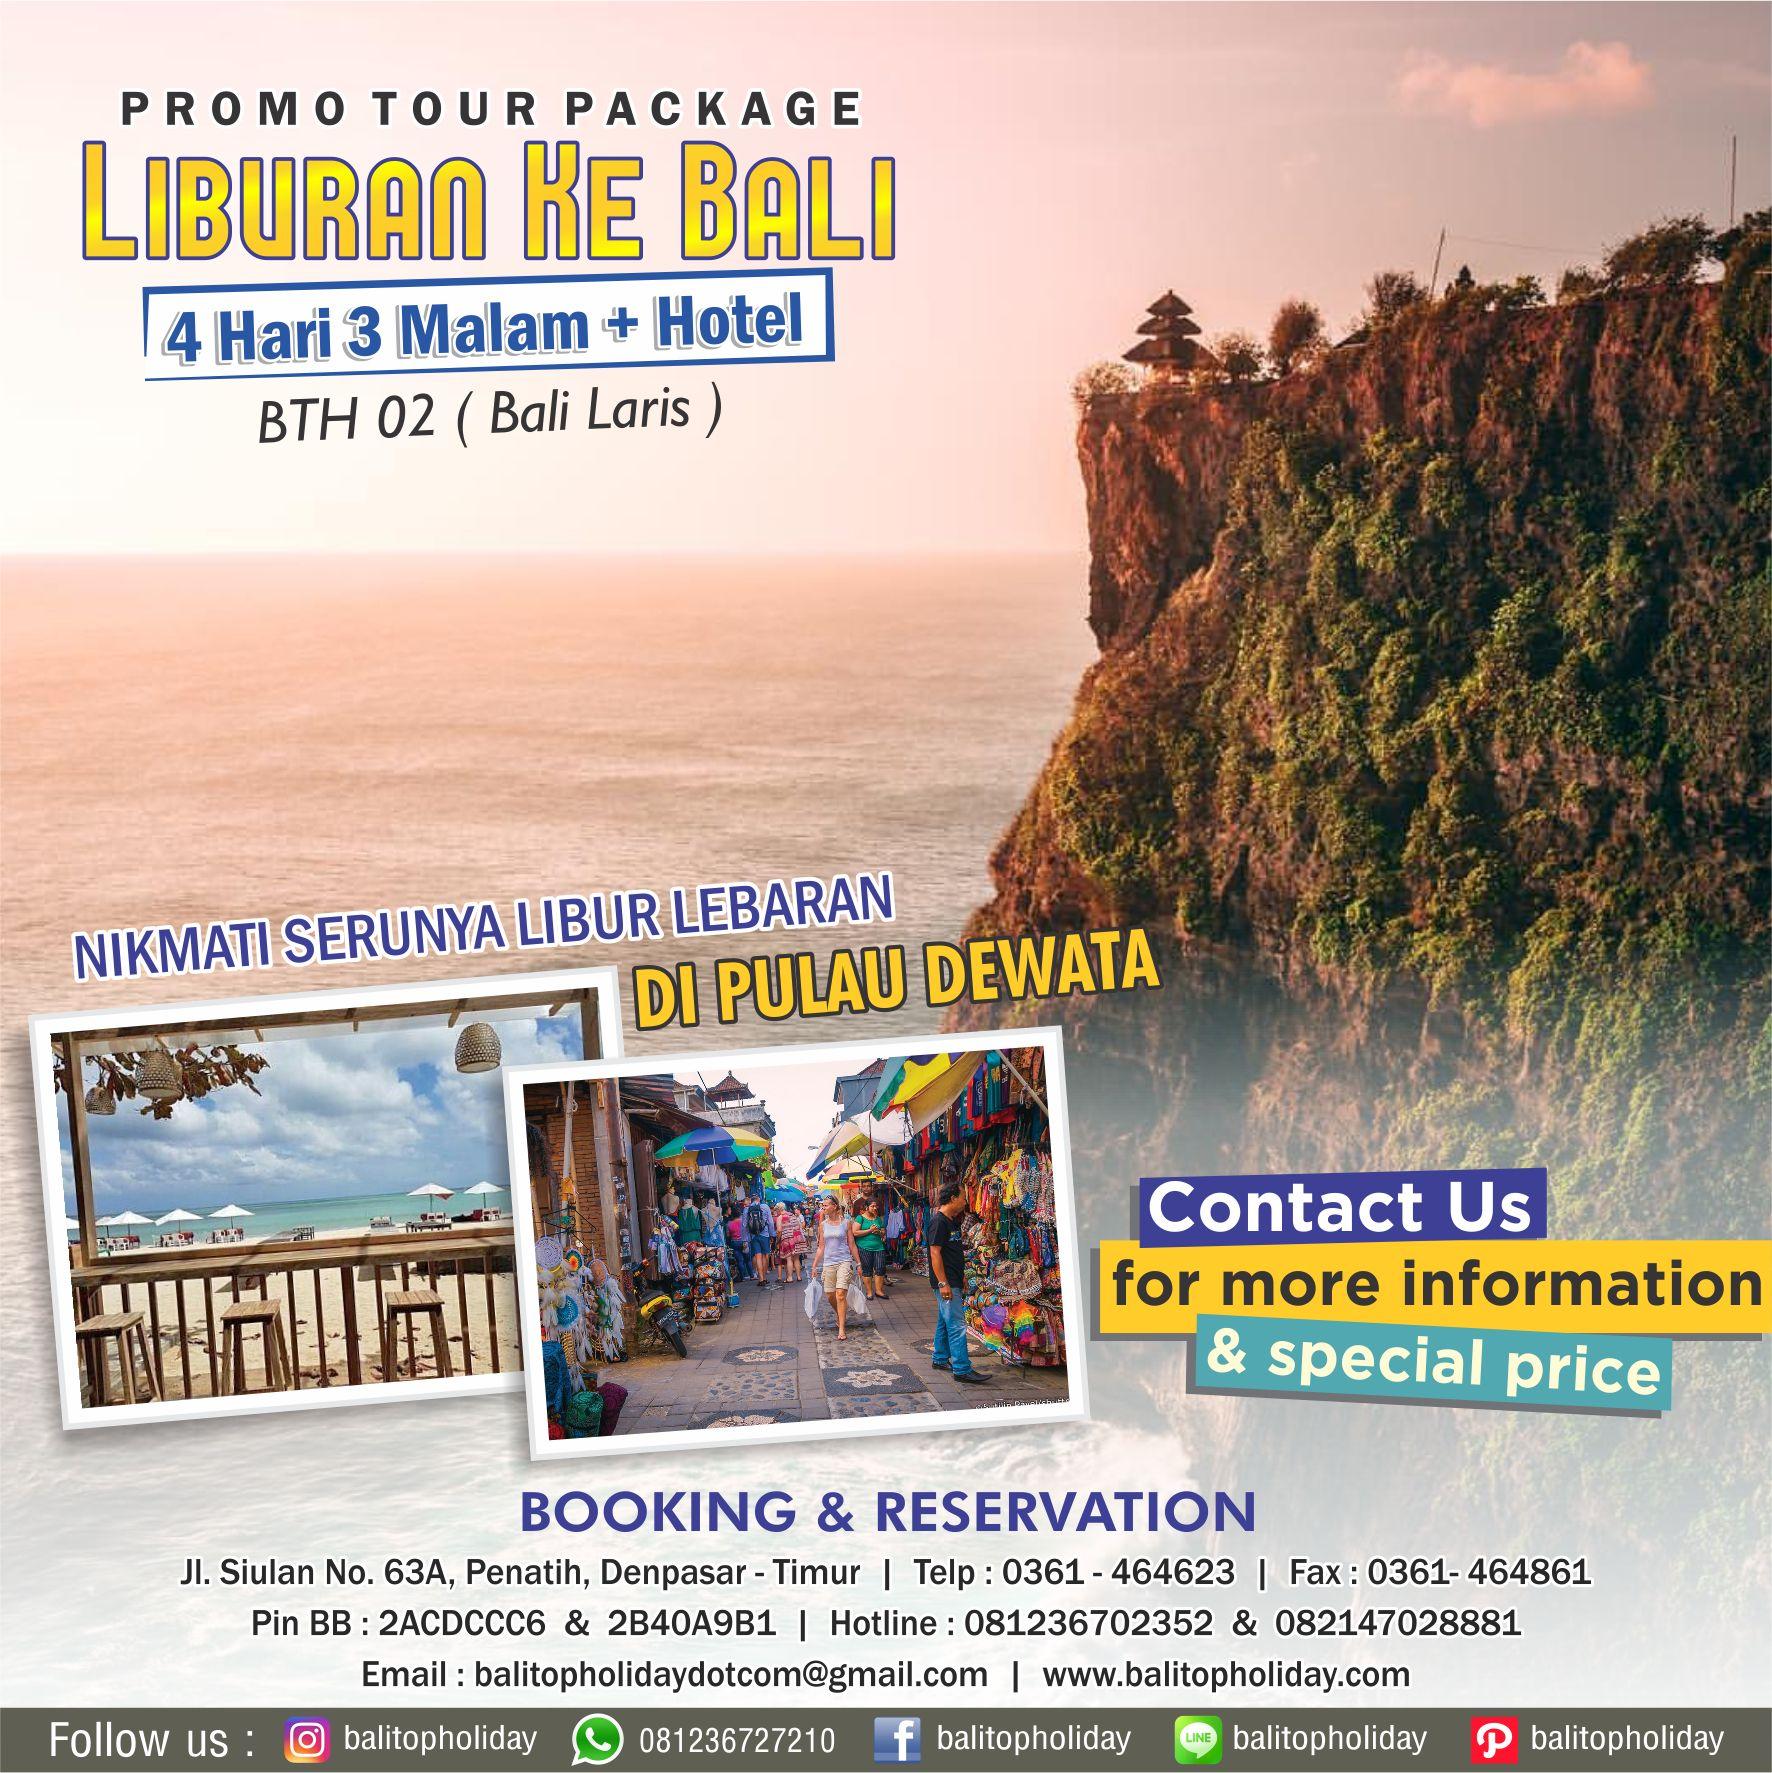 Paket Tour 4H 3M Bali Laris BTH 02 Opsi B